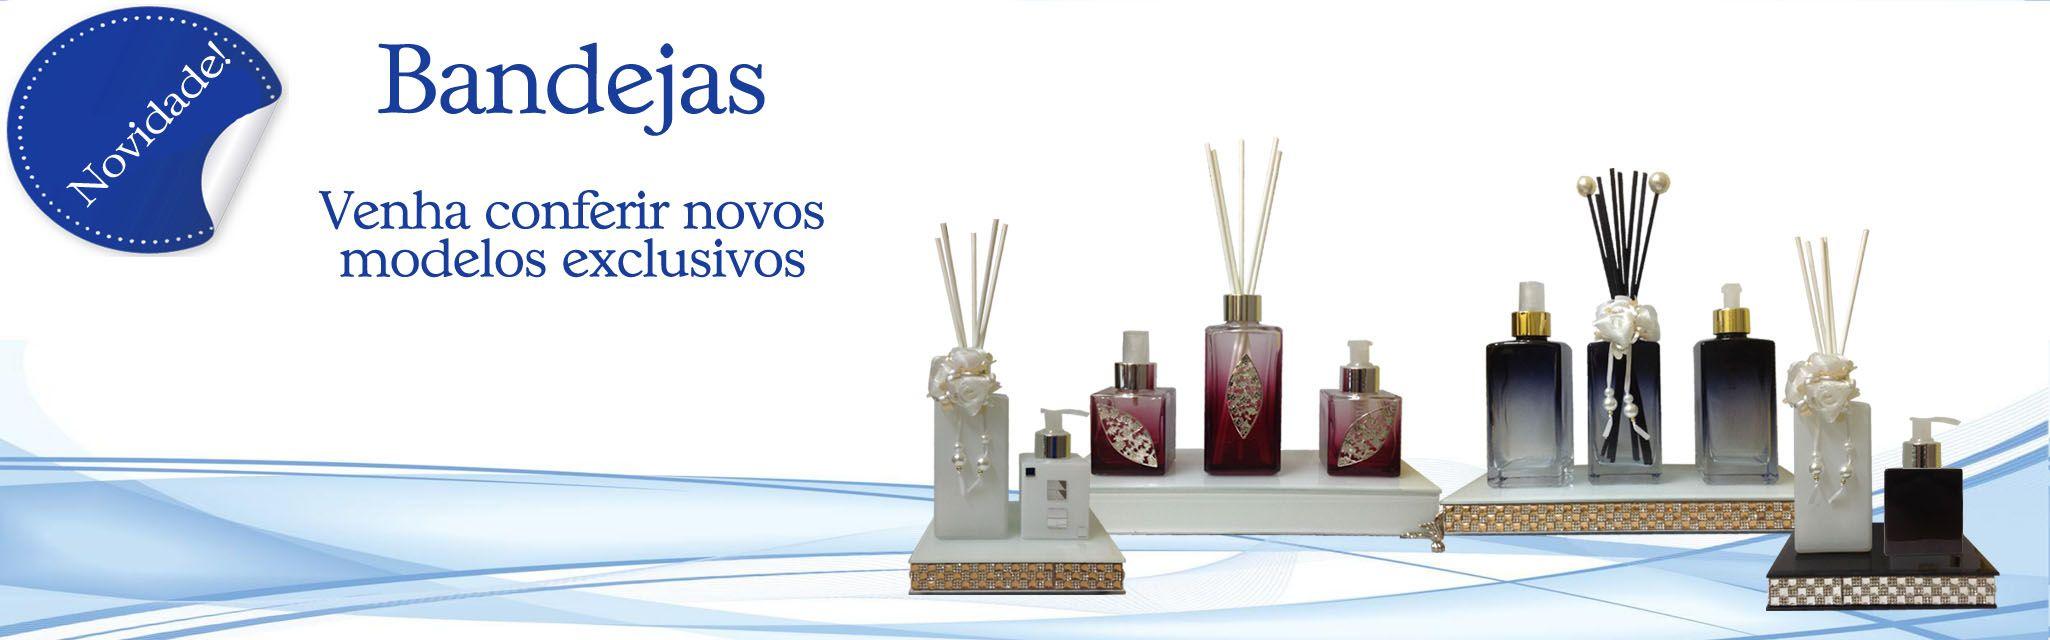 #Diversidade #Decoração #produtos #combinação Acesse http://www.mundodasessencias.com/loja2/index.php/